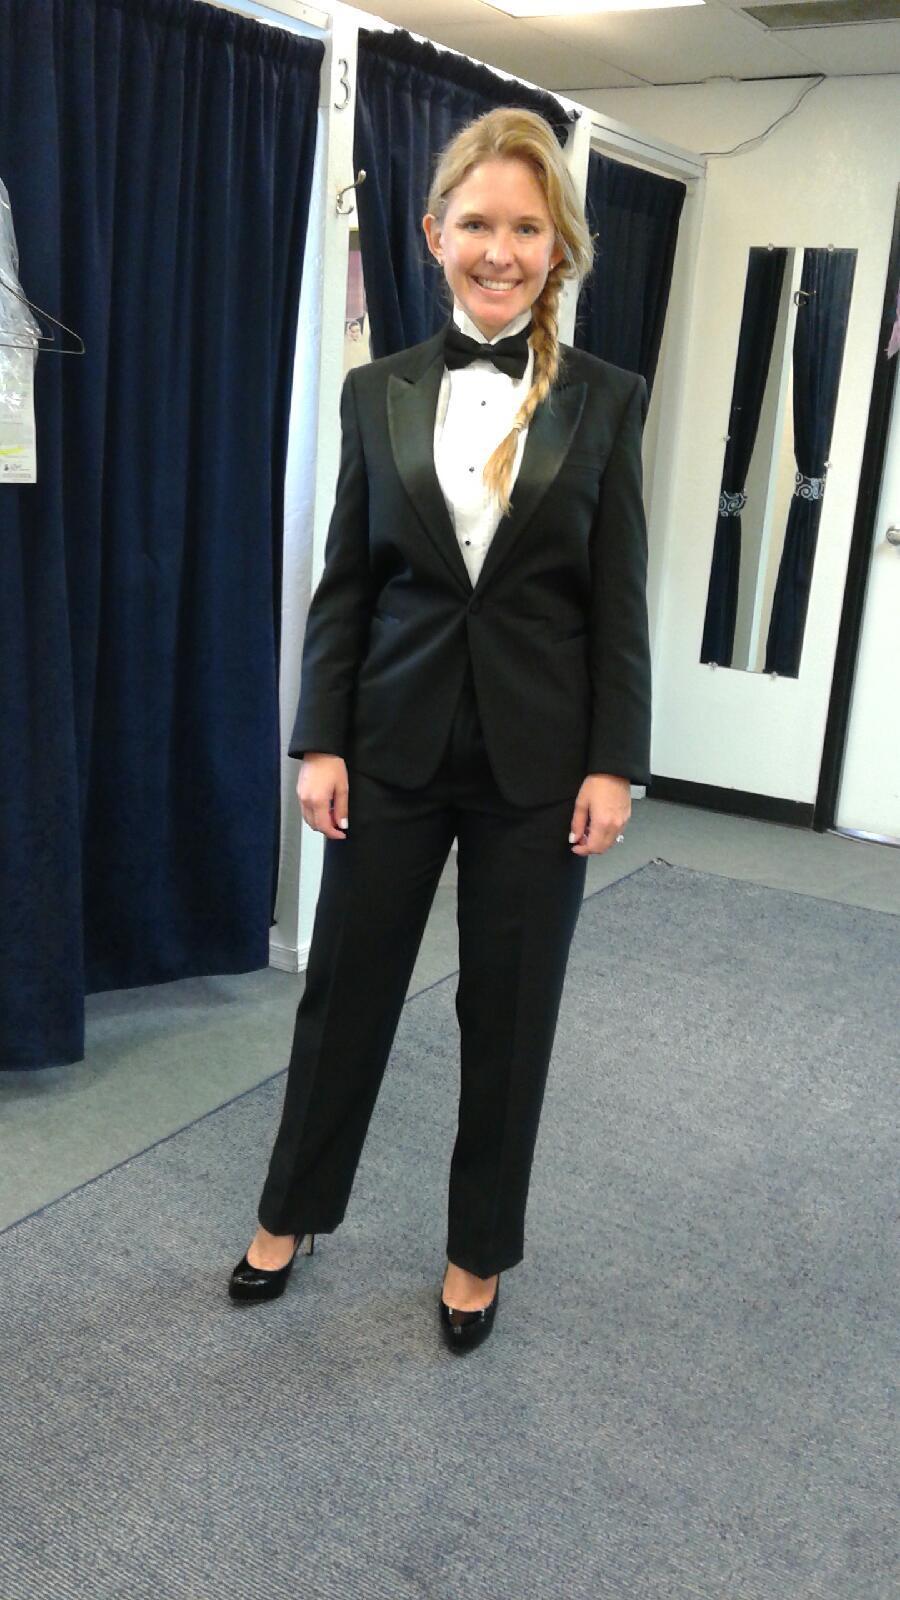 prom suits for females suit la